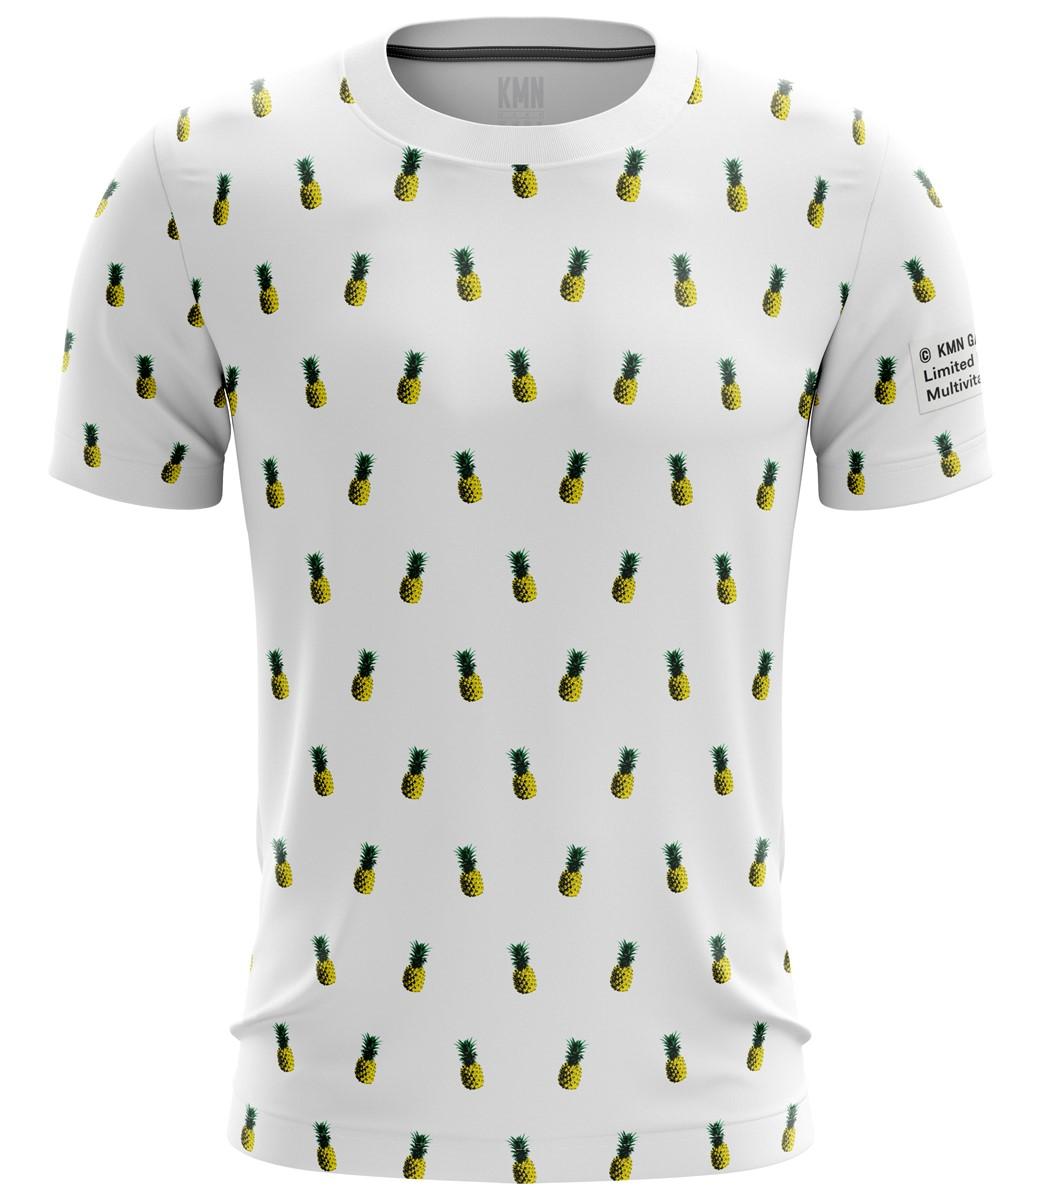 KMN Gang Multivitamin T Shirt Ananas allover